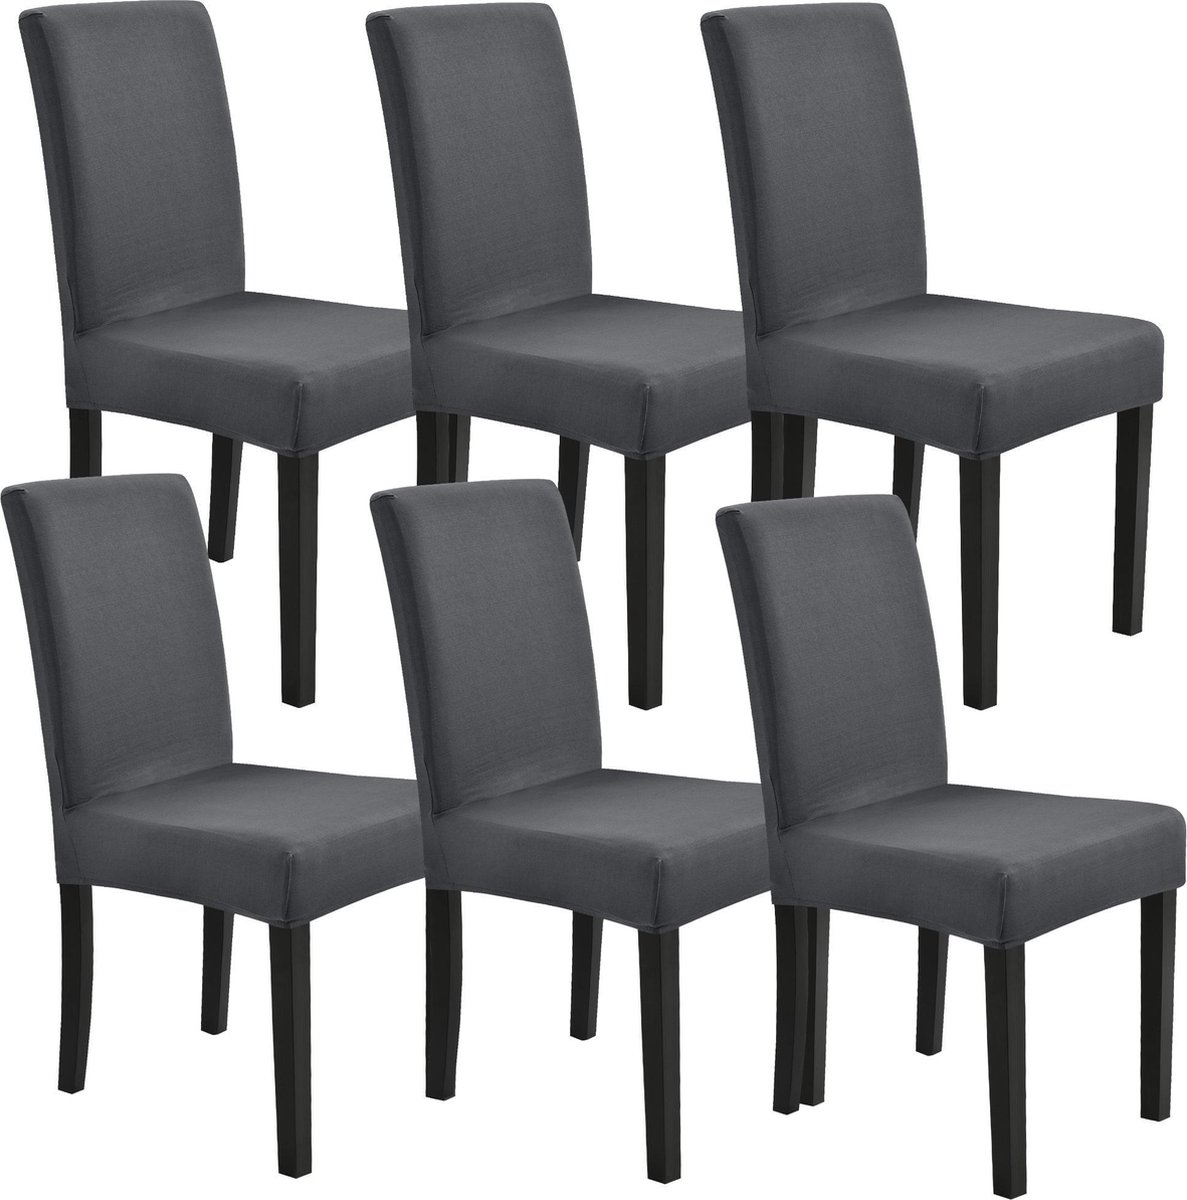 Stoelhoes set van 6 hoes voor stoelen stretch donkergrijs - neu.haus